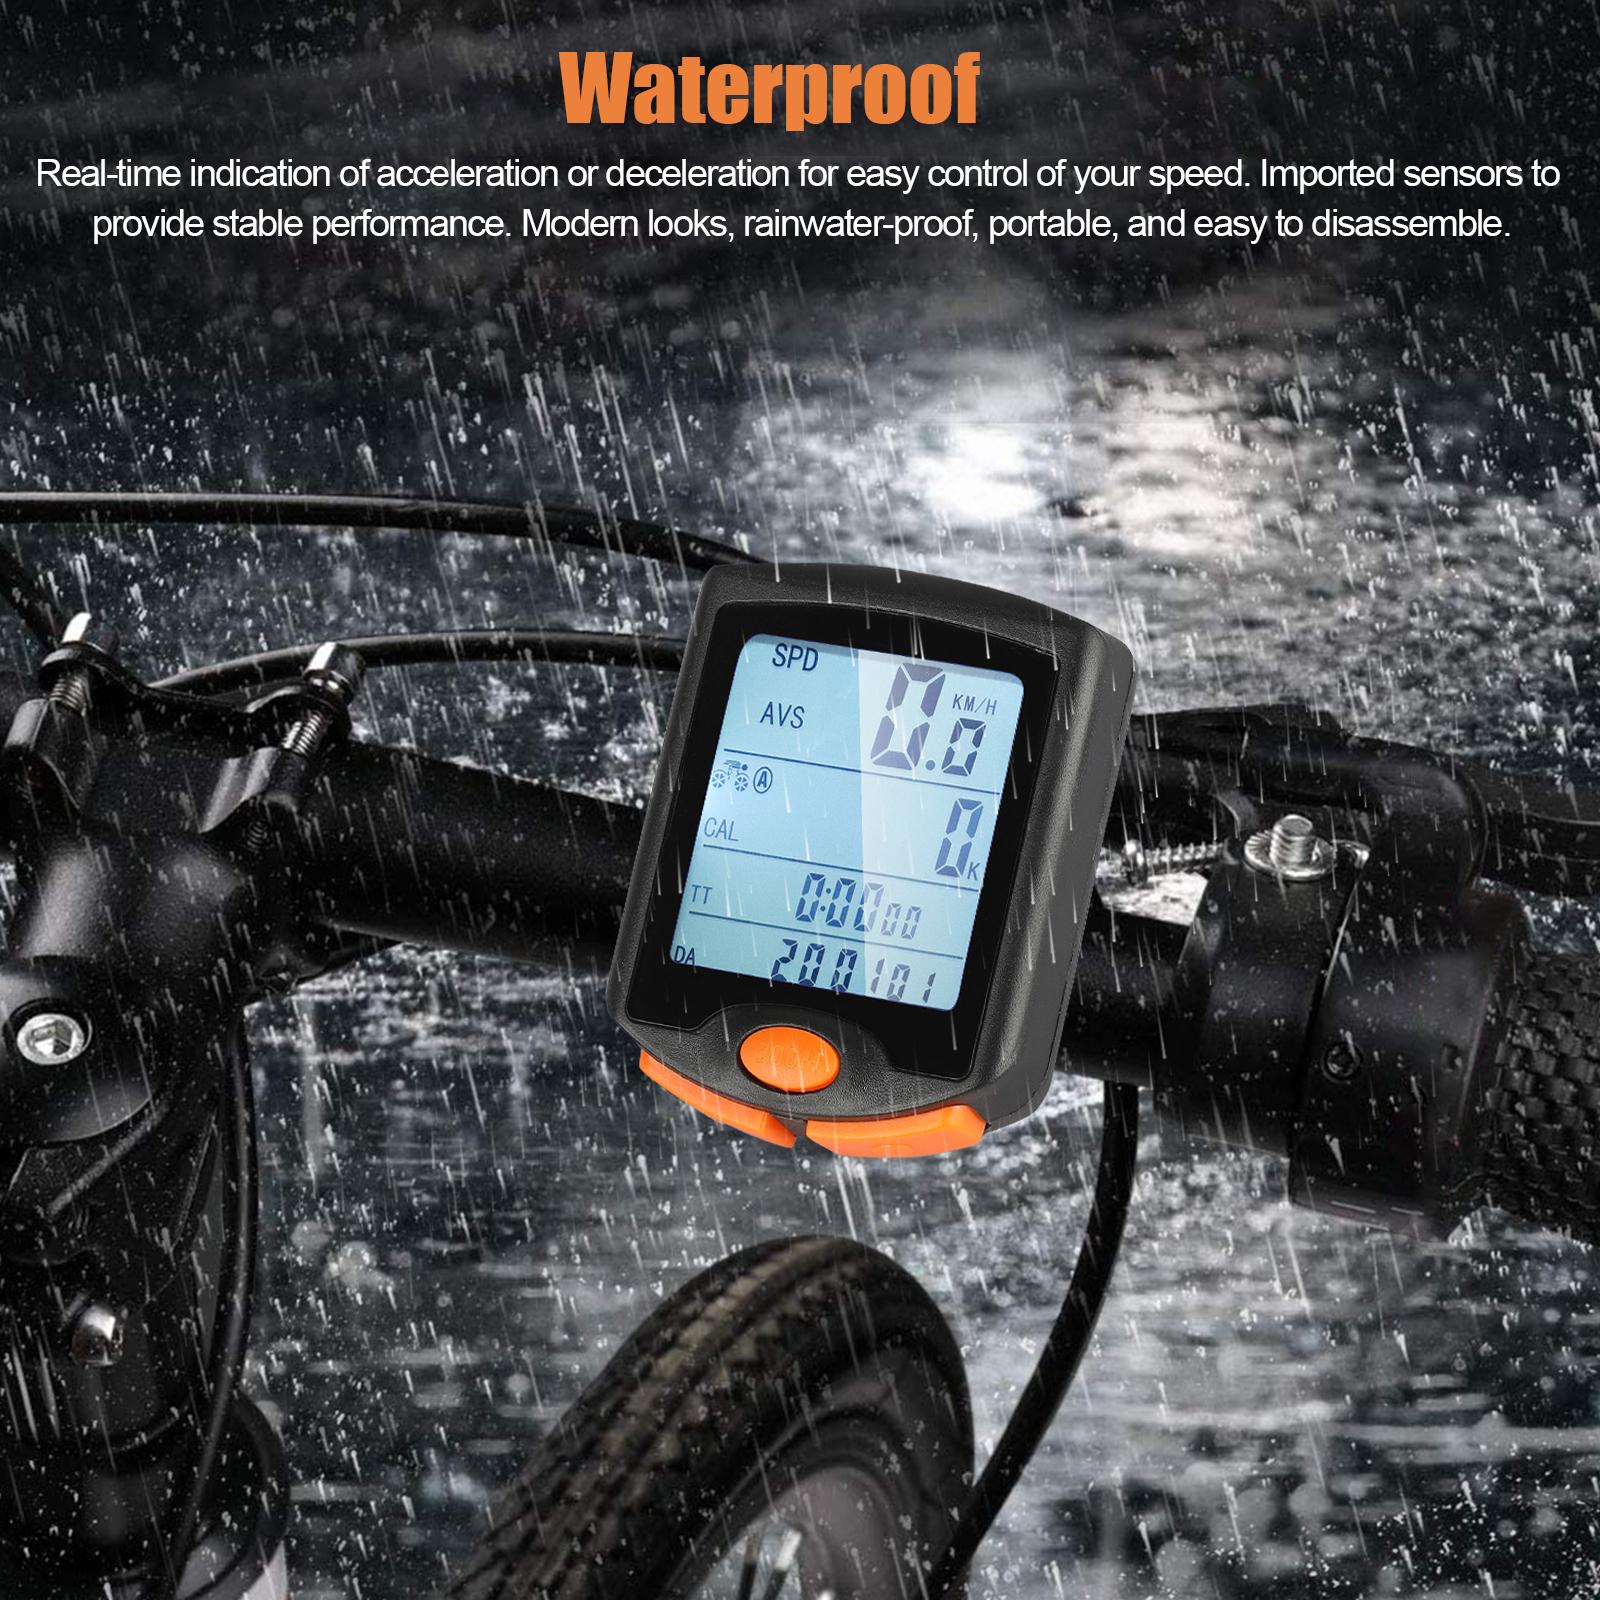 thumbnail 20 - Waterproof-Wireless-Bicycle-Bike-Cycle-LCD-Digital-Computer-Speedometer-Odometer